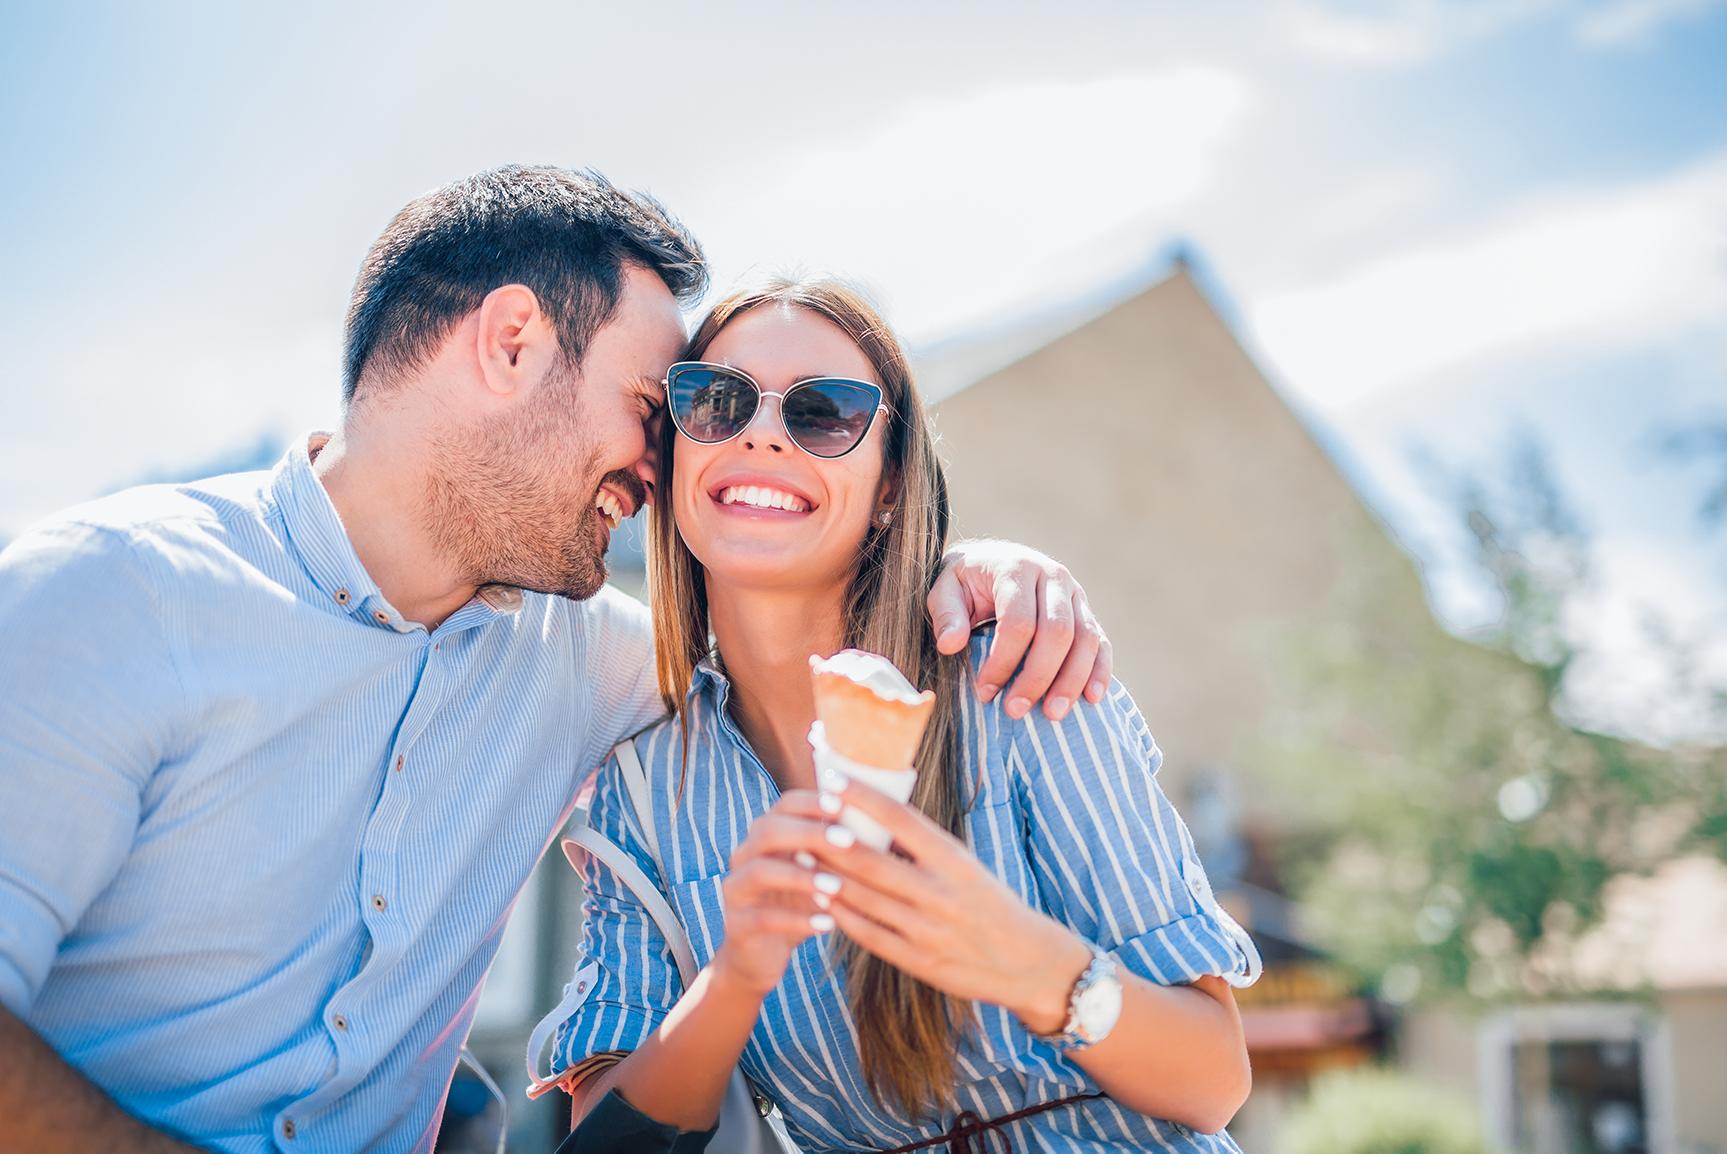 happy couple eating icecream